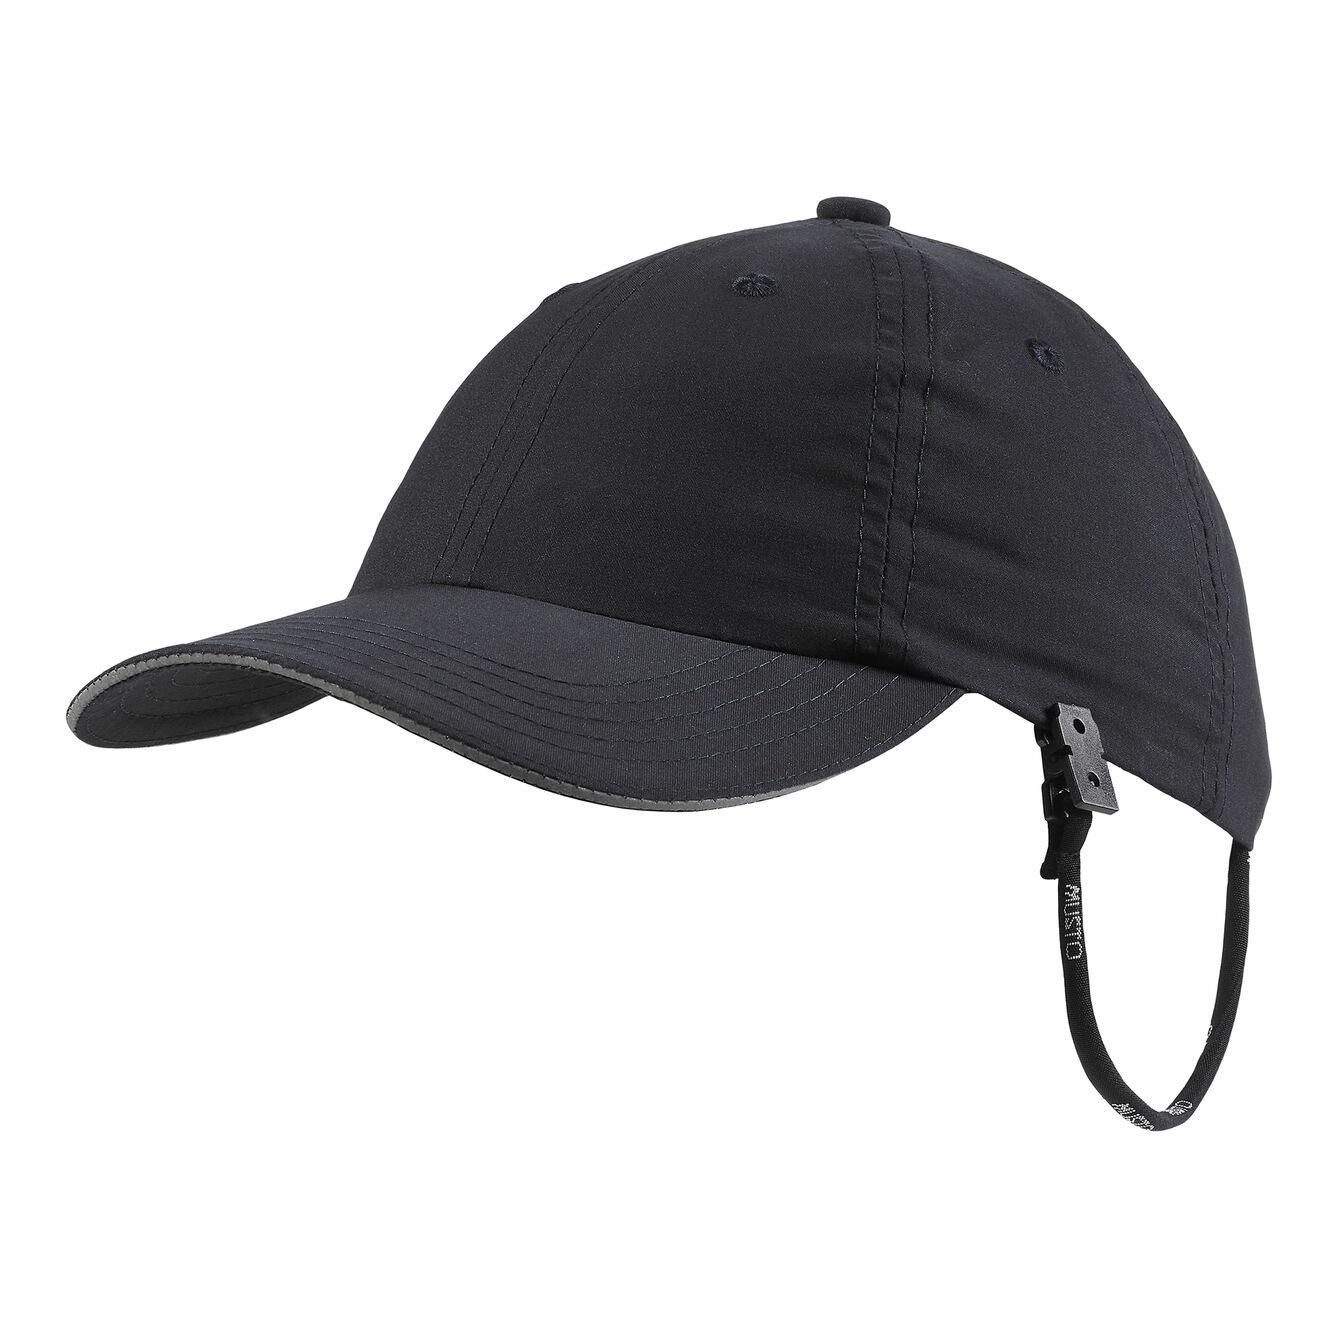 CORPORATE FAST DRY CAP